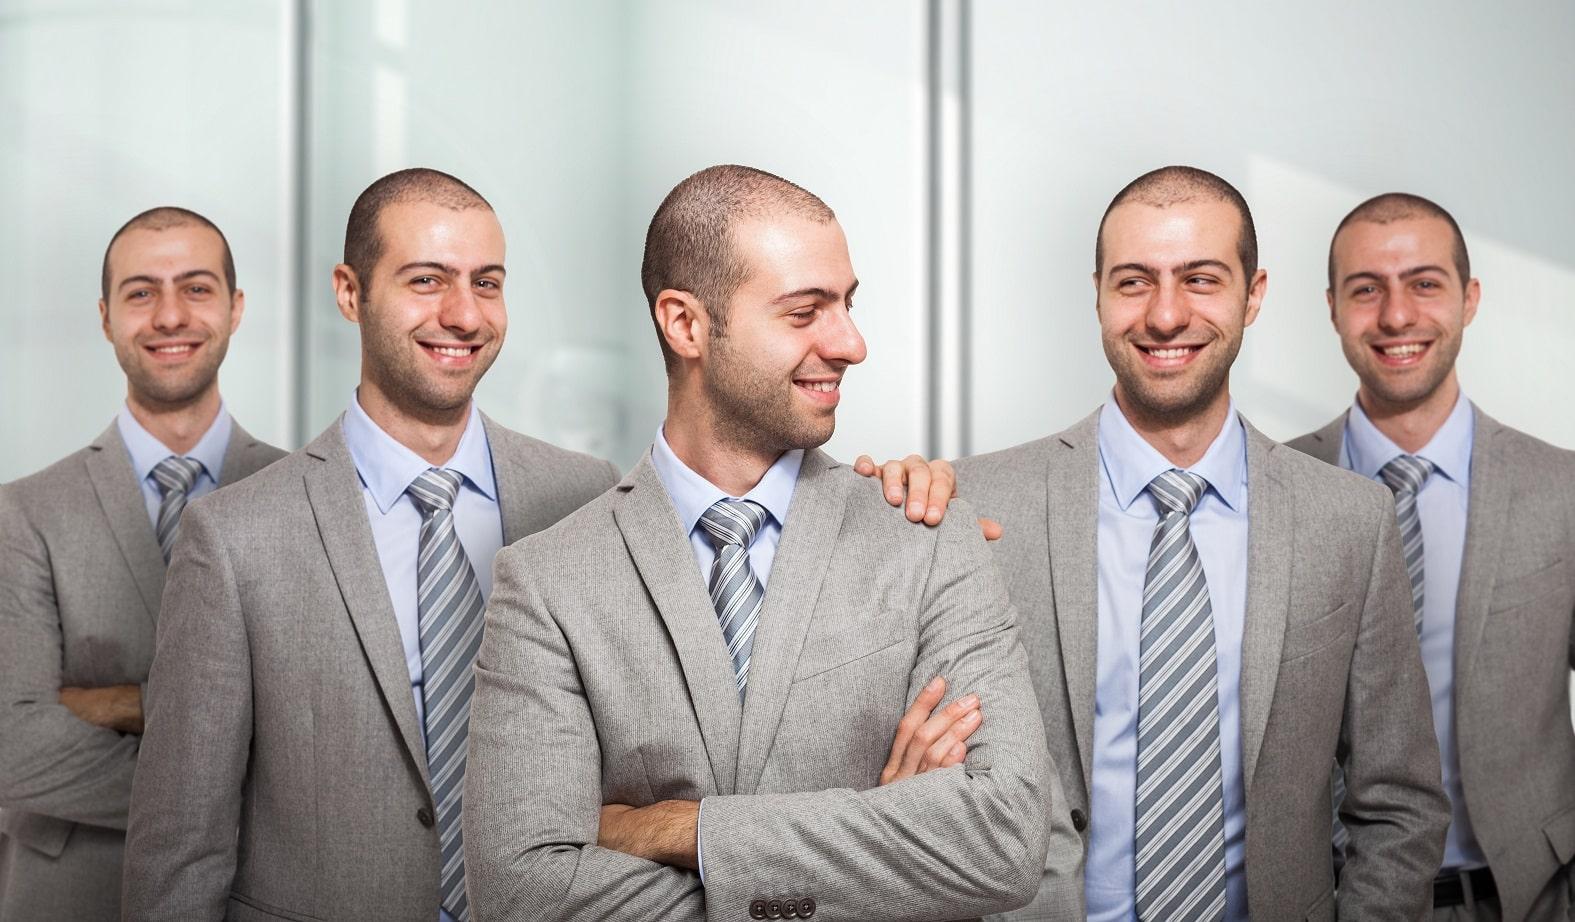 תמונה של גבר צעיר בחליפה שסובל מנשירת שיער ששיכפל את עצמו